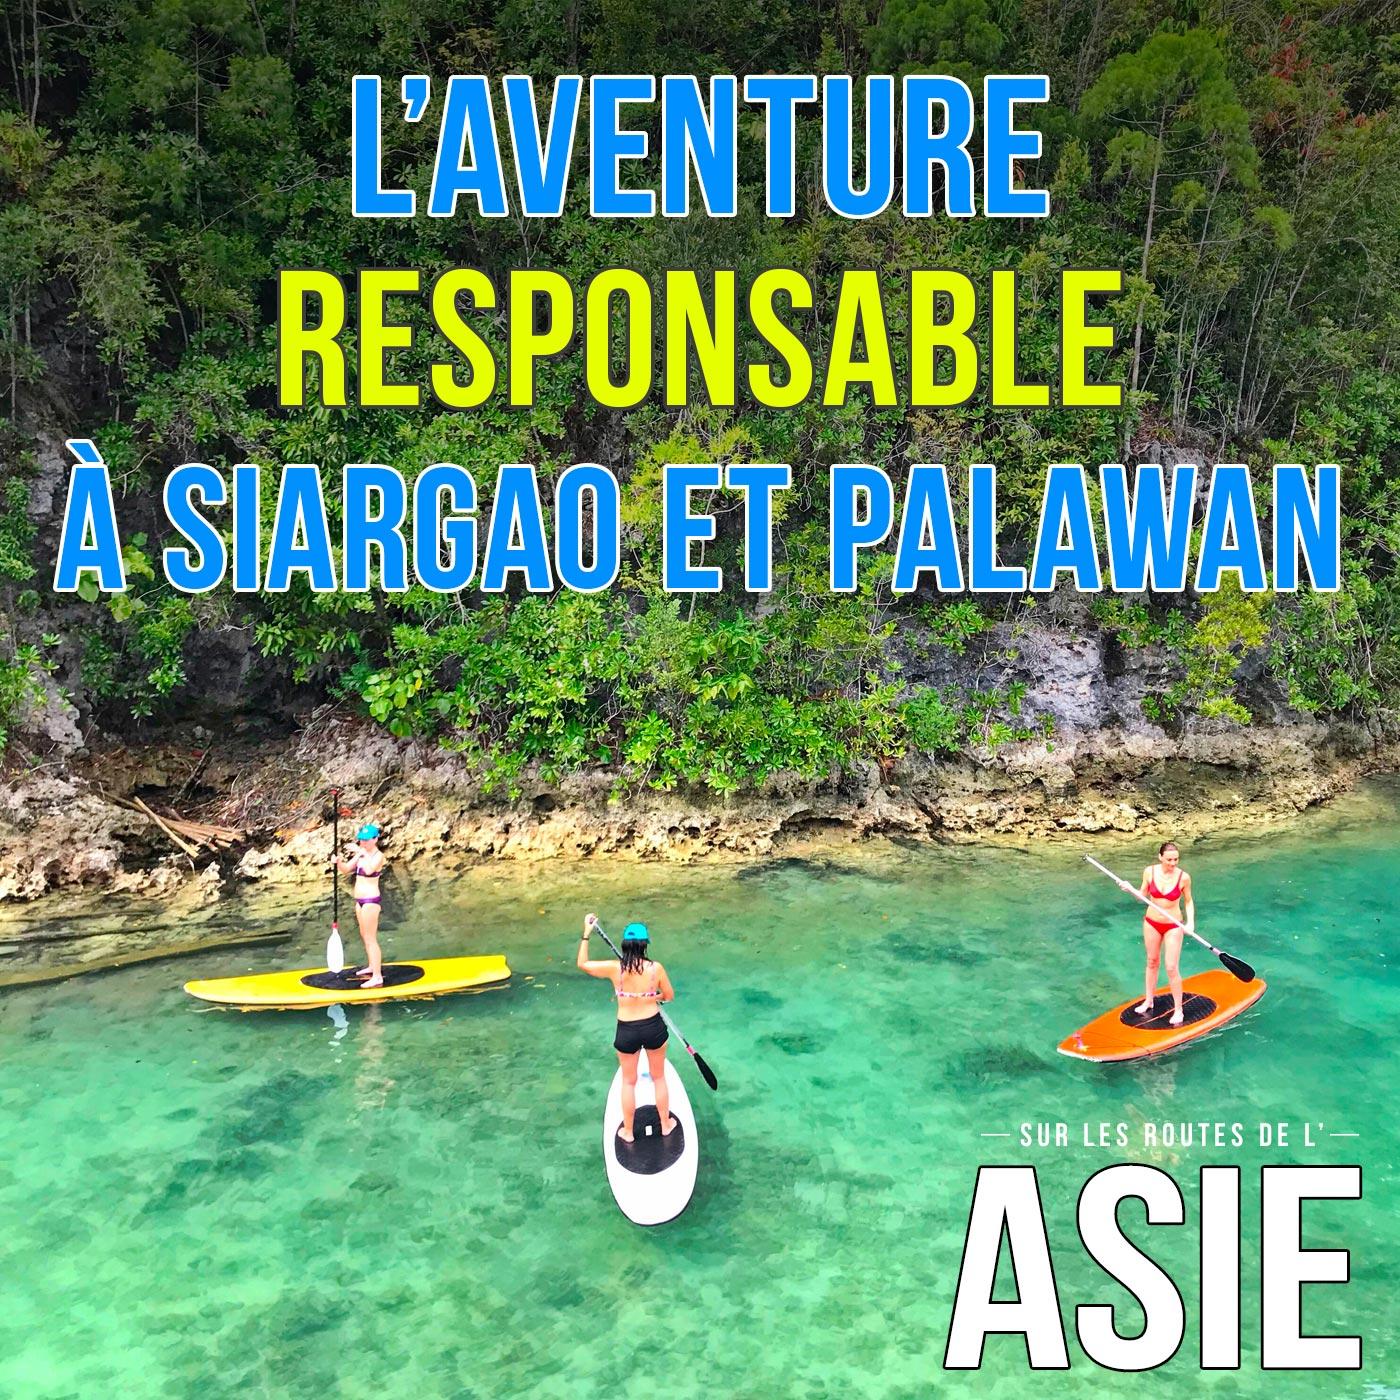 #64 – L'aventure responsable à Siargao et Palawan (Philippines)